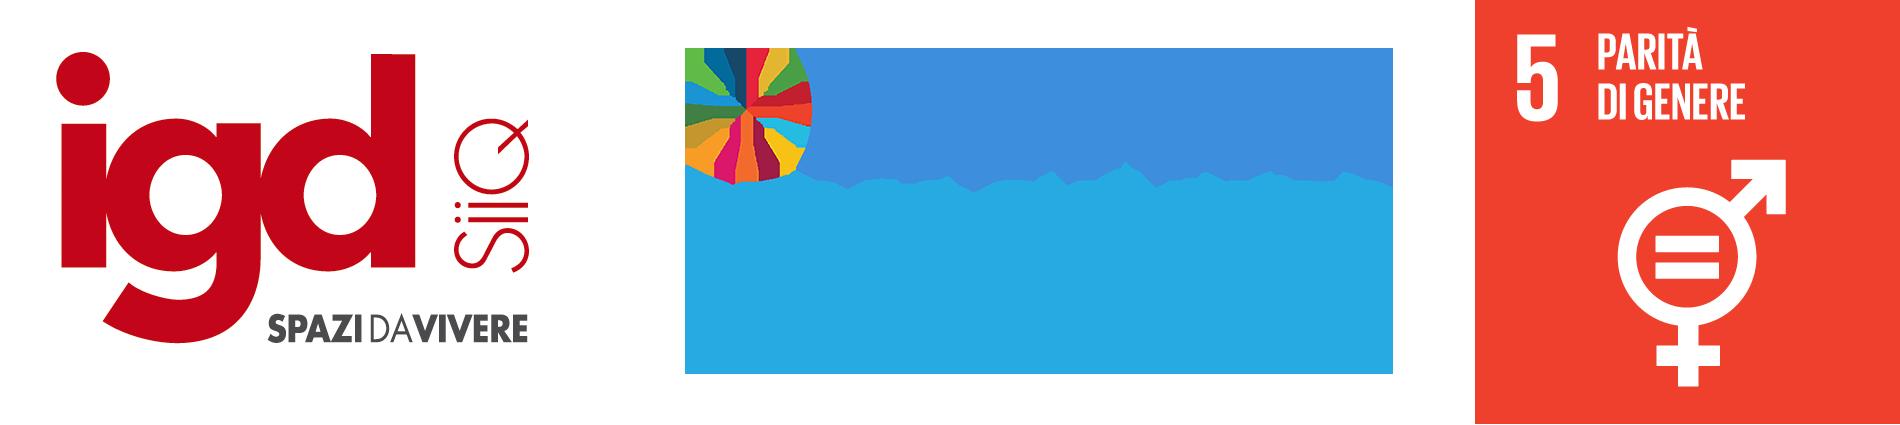 SDG_LOGO_it_5